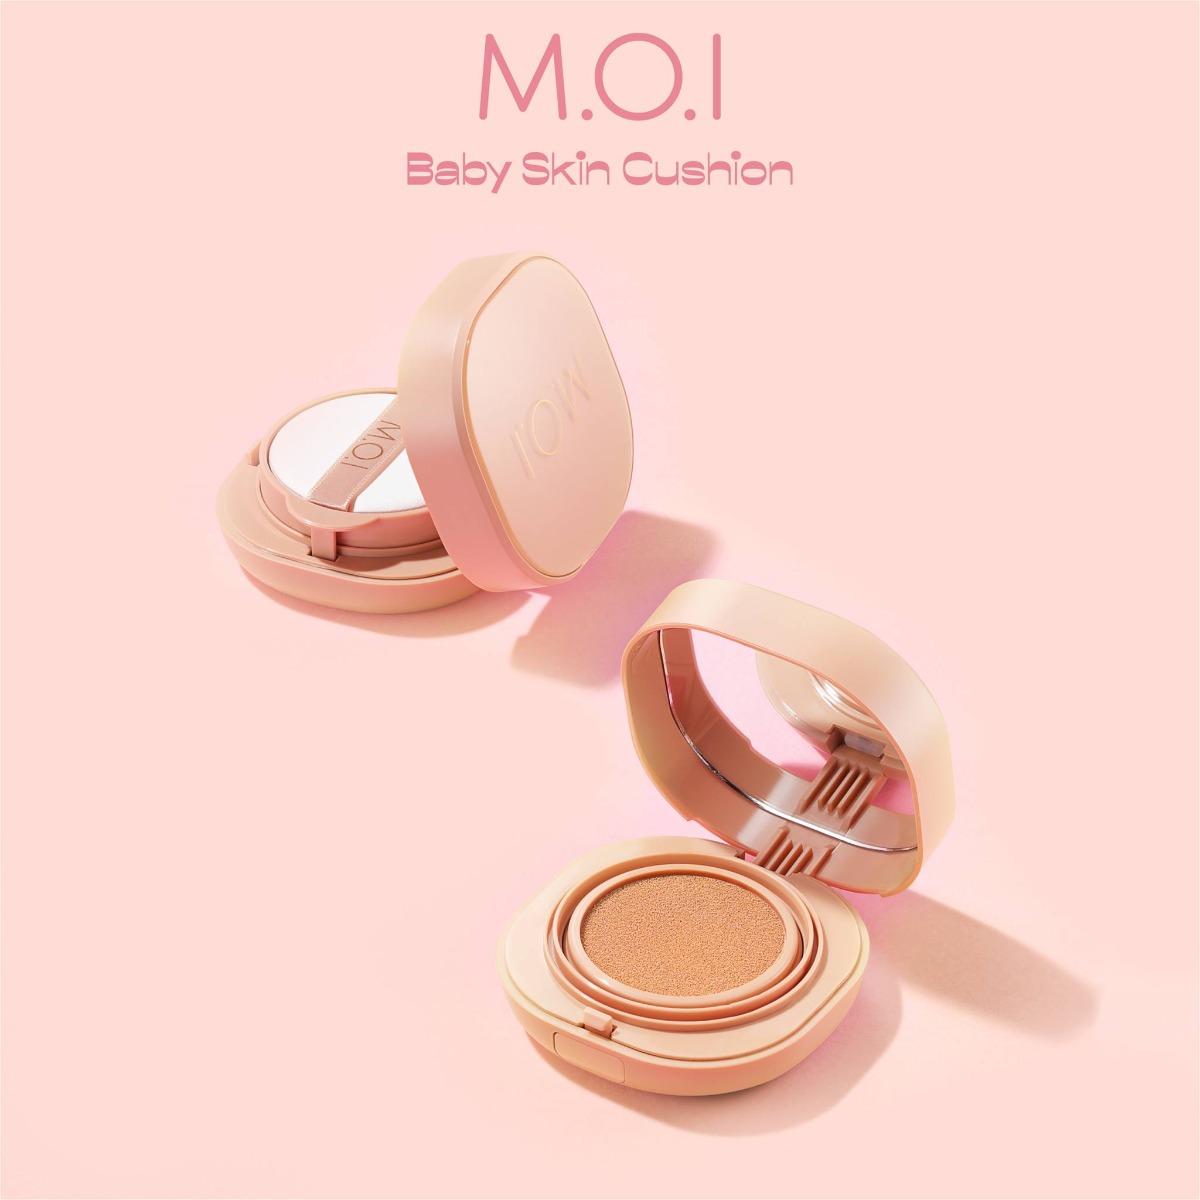 Phấn Nước M.O.I Baby Skin Cushion có thiết kế nhỏ gọn, hình vuông và các góc cạnh bo tròn toát lên vẻ nhẹ nhàng, mềm mại.